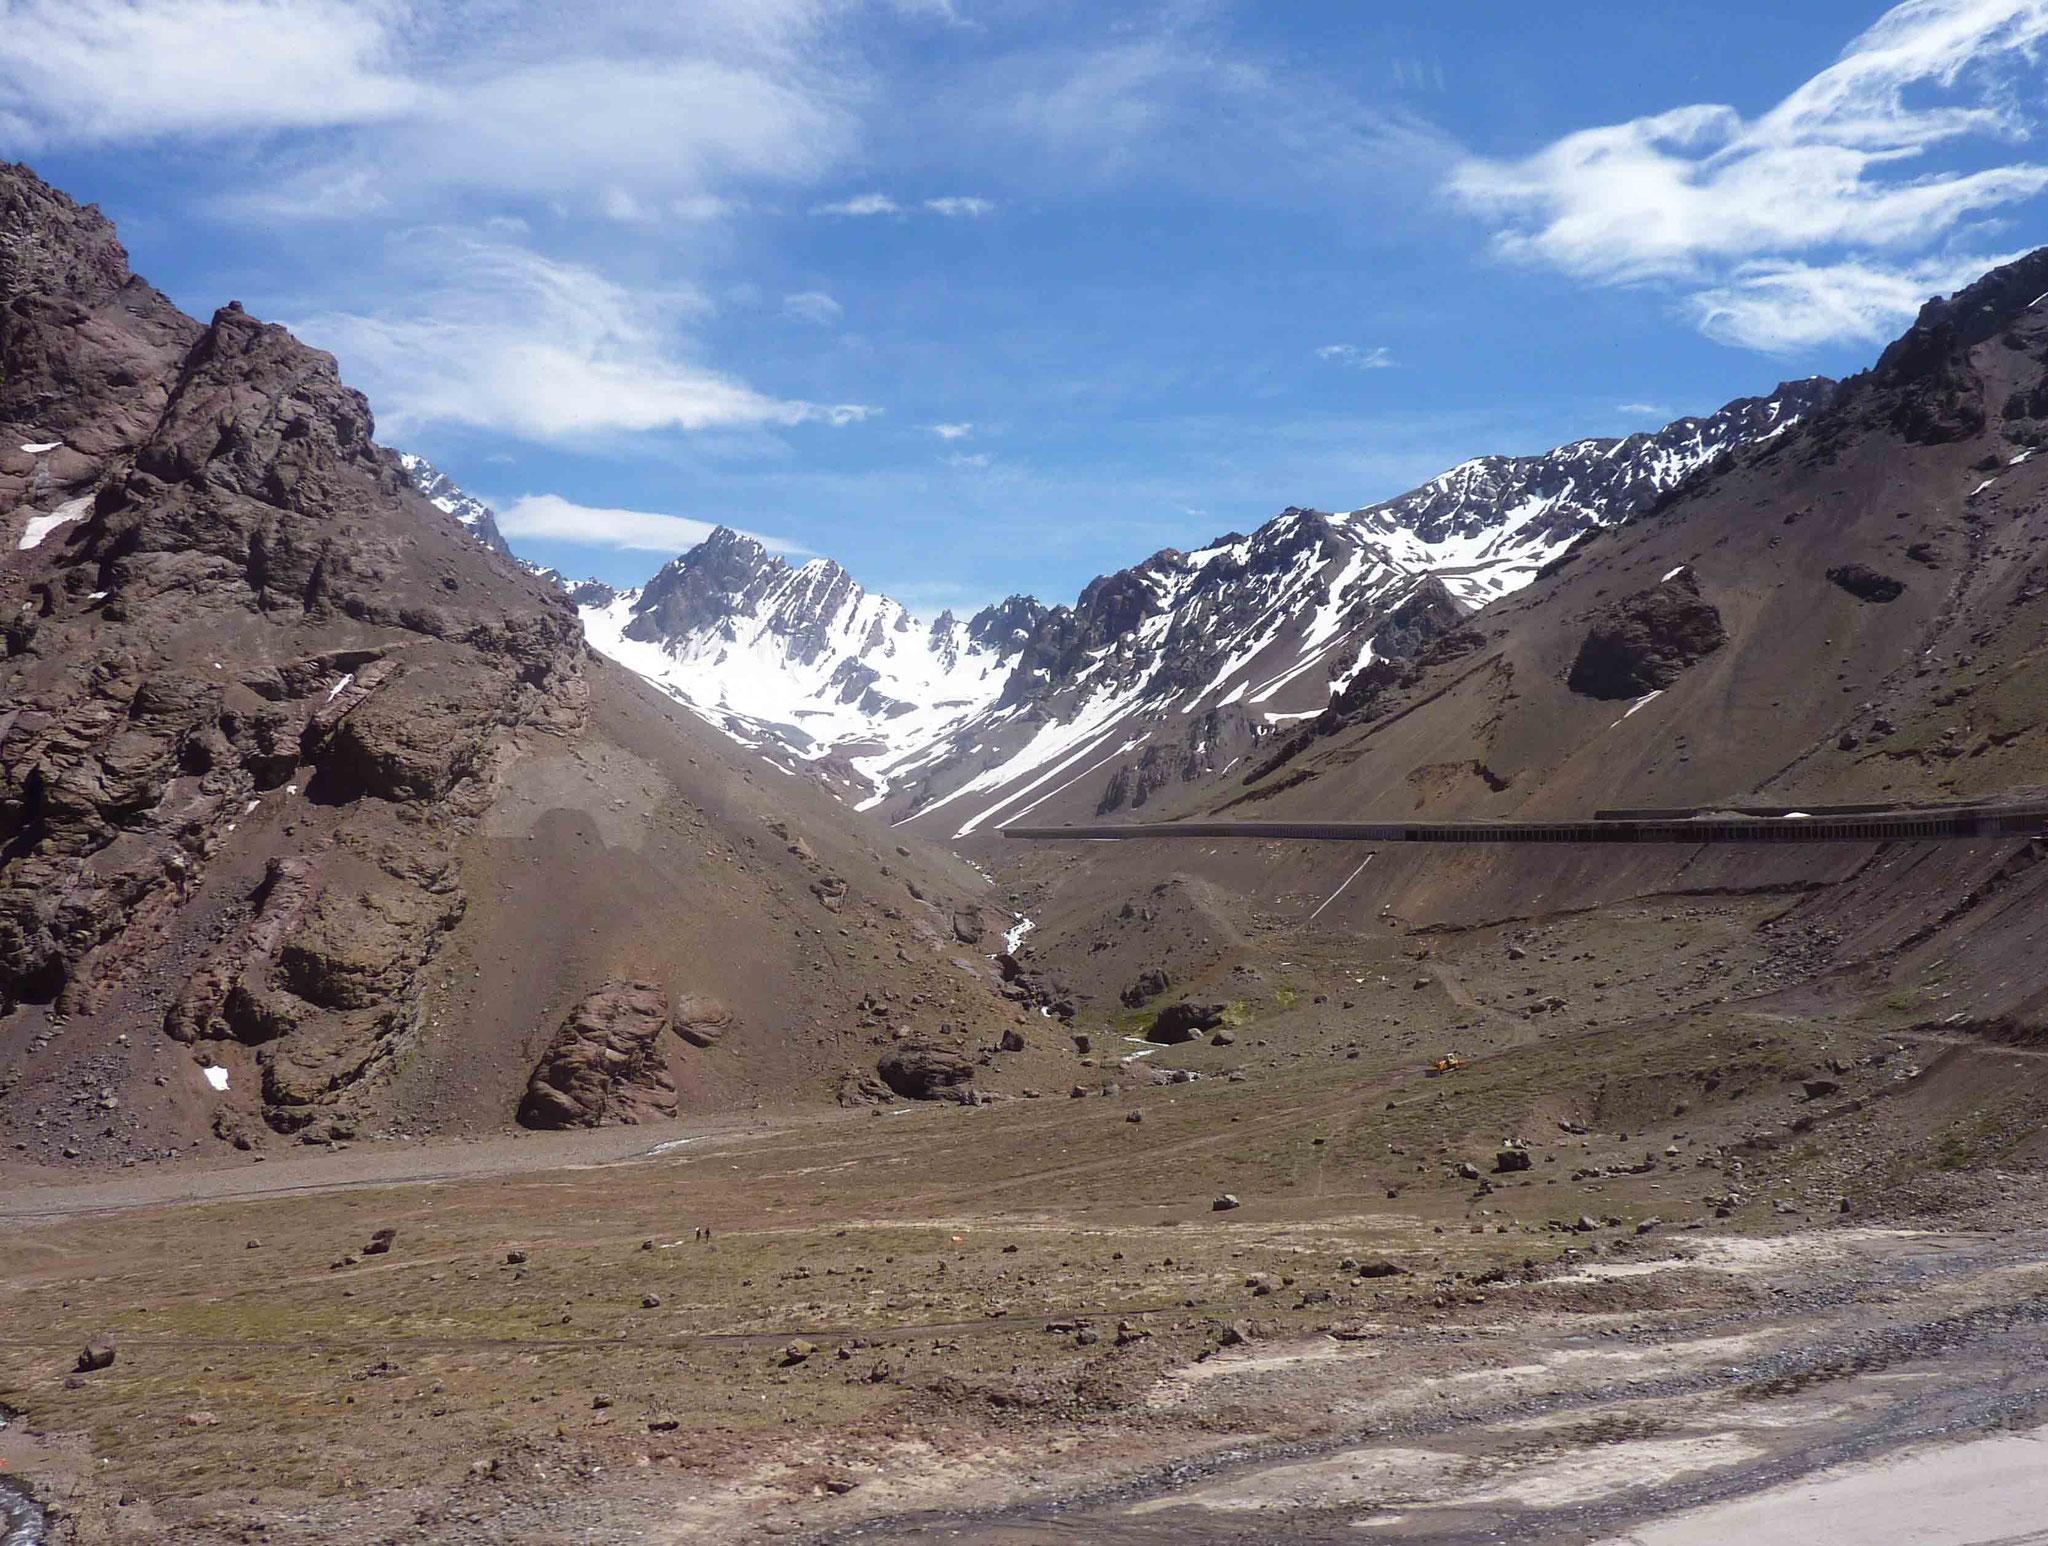 En remontant la ruta San Martin vers Las Cuevas et la frontière avec le Chili